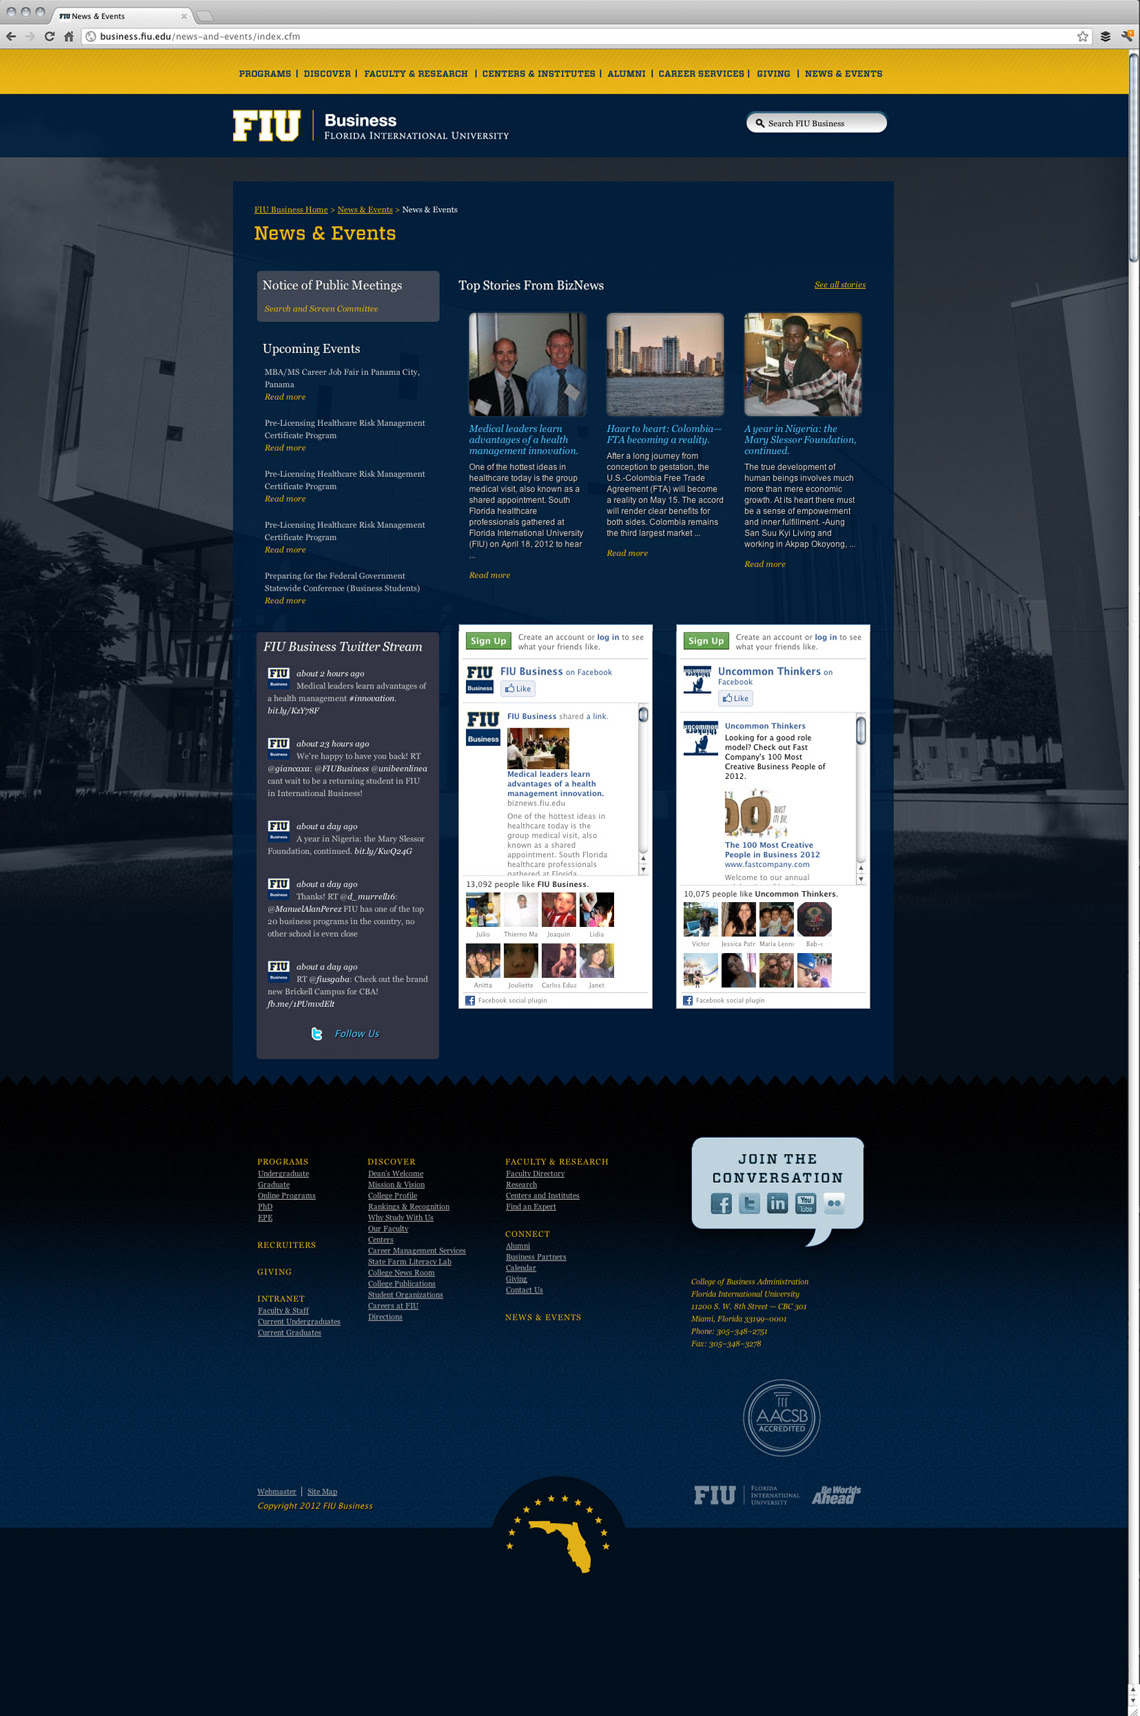 FIU Business Website Design by Go Media